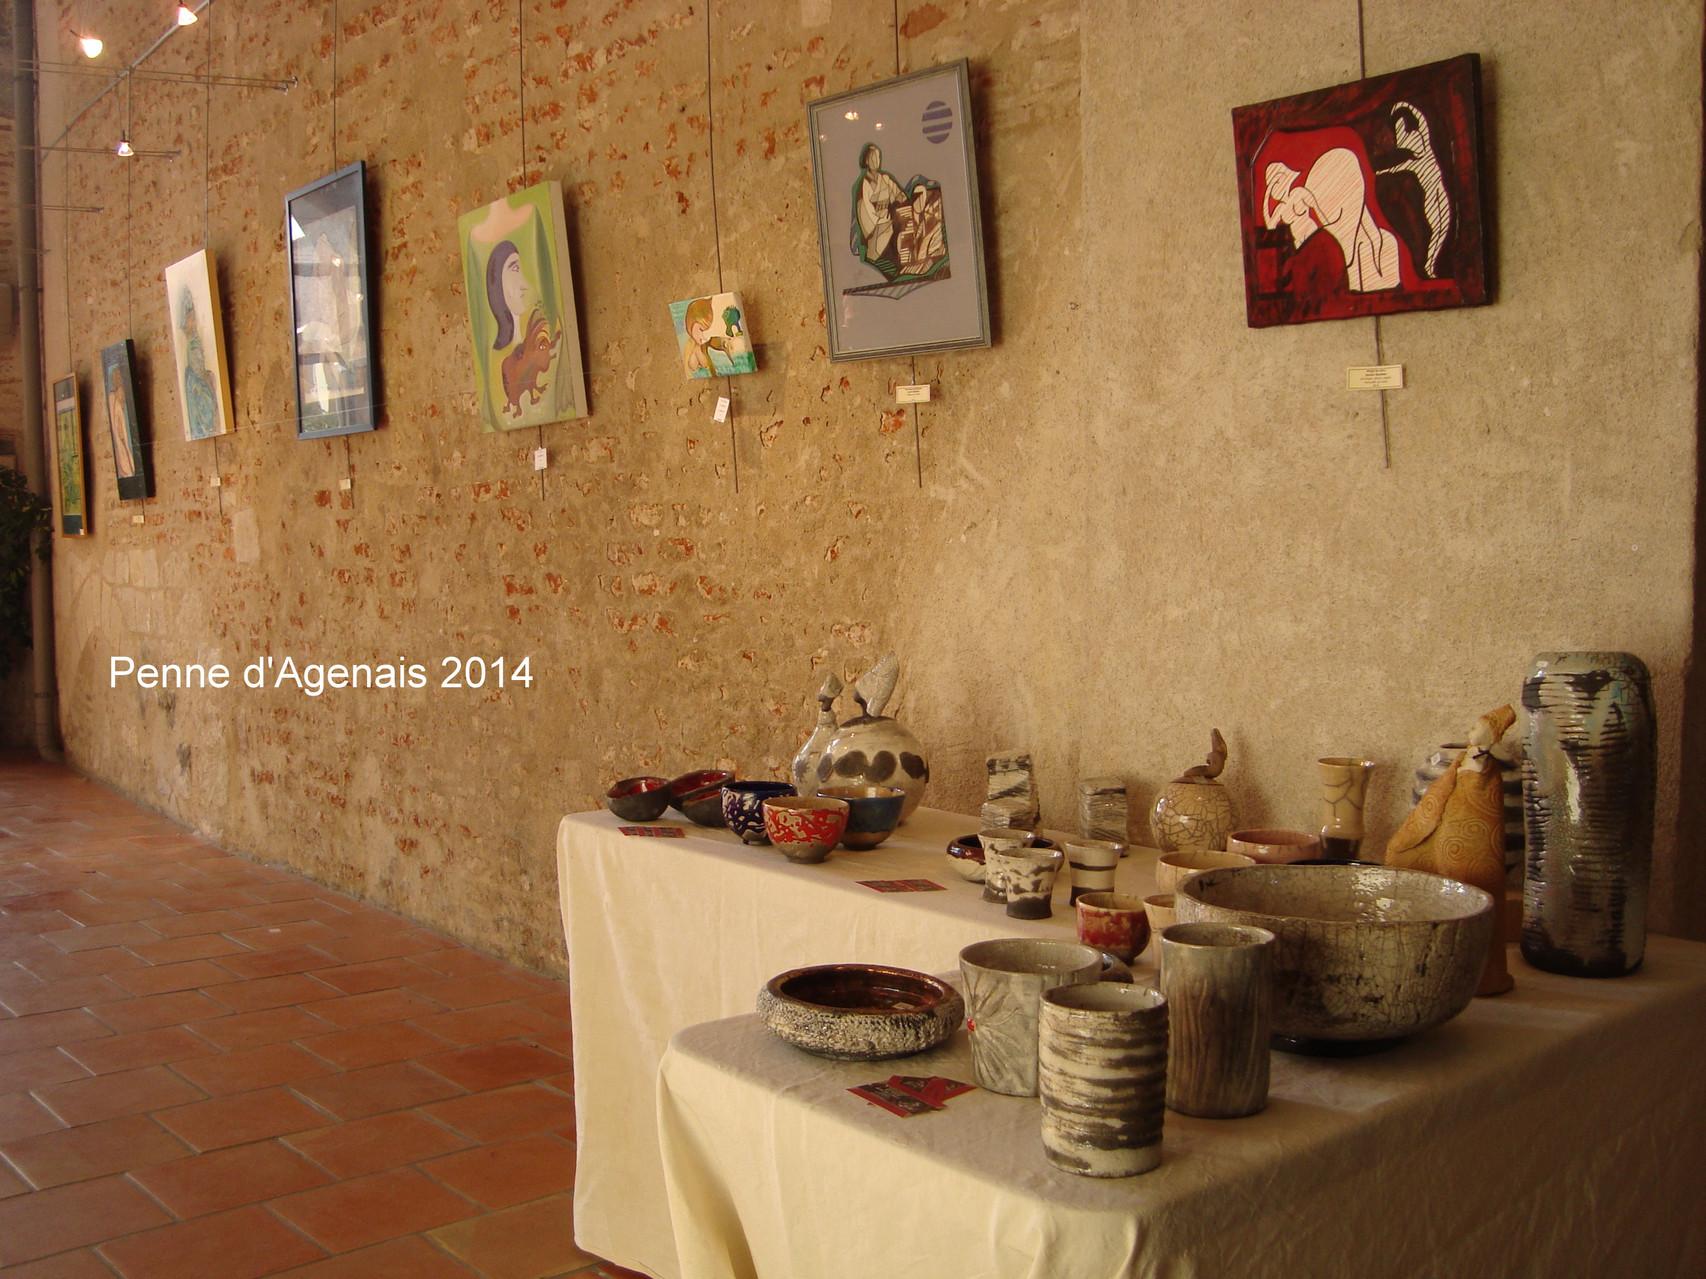 Quelques-unes de mes toiles avec celles d'Anne-Marie DELPIERRE et les céramiques d'art d'Agnès C